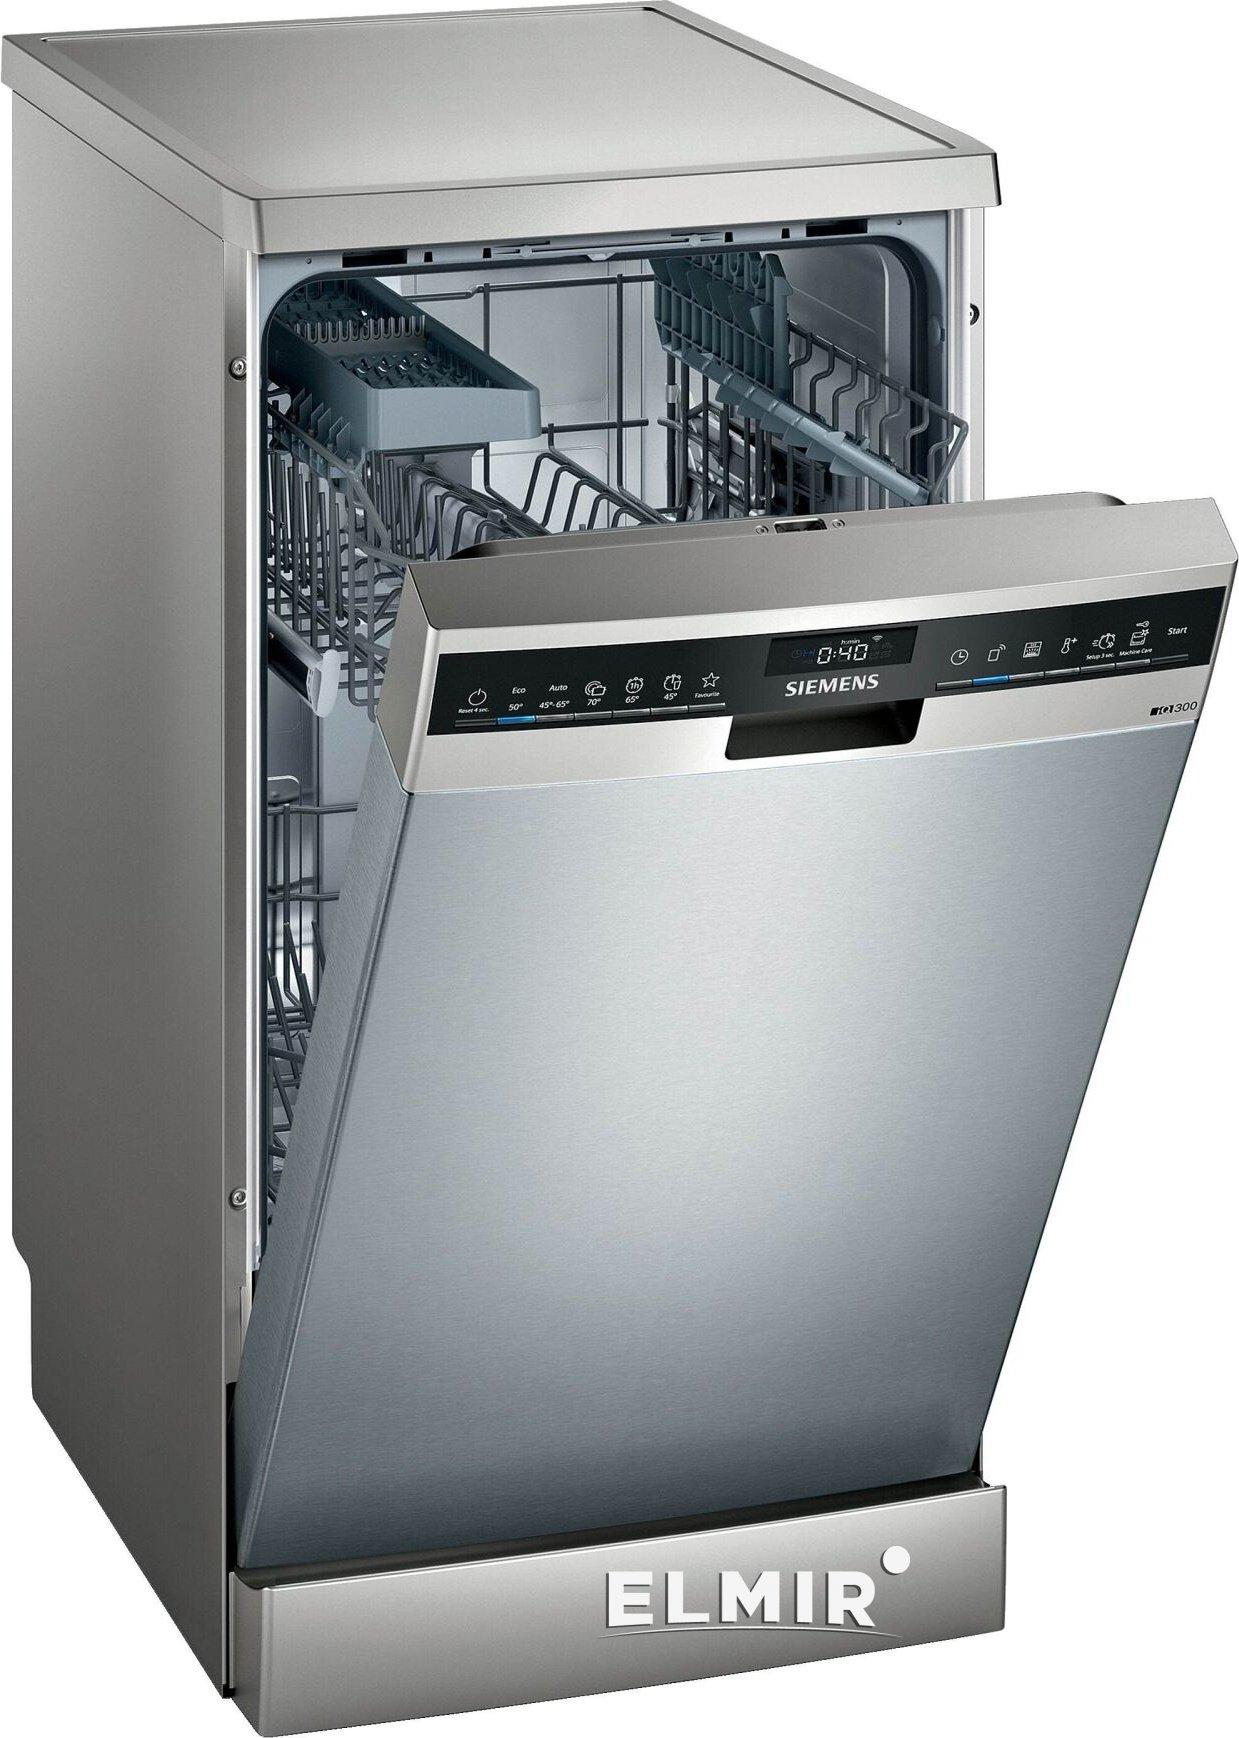 Посудомоечная машина сименс: инструкция, ошибки и ремонт